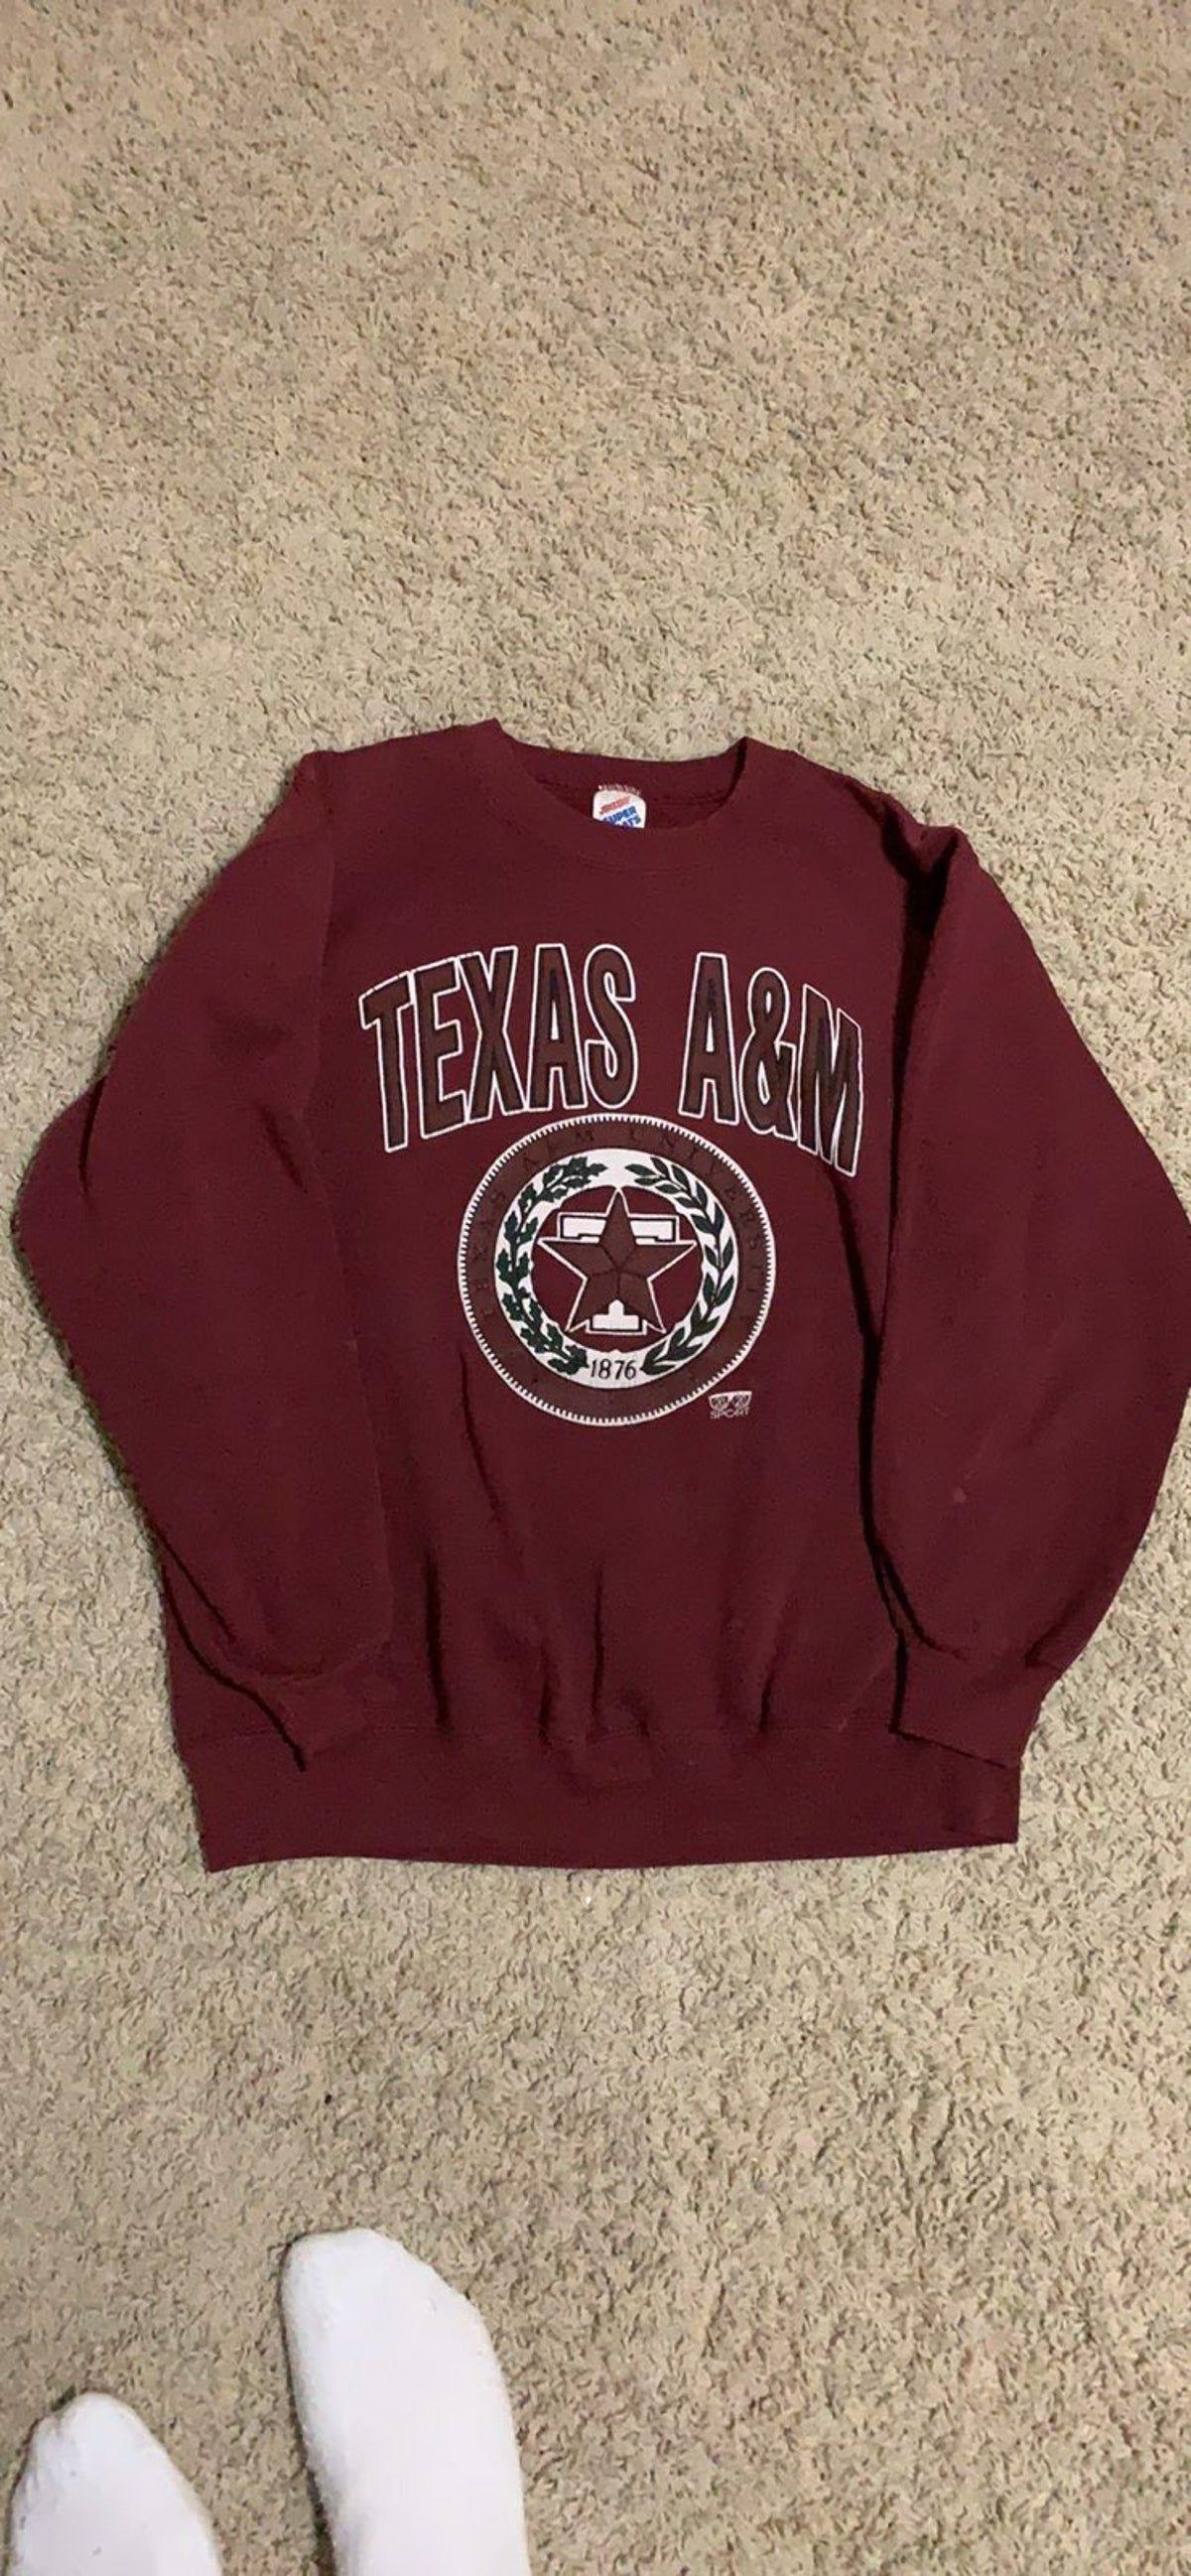 Vintage 90s Texas A M Aggies Sweatshirt Sweatshirts Vintage Sweatshirt Sweatshirts Hoodie [ 2595 x 1200 Pixel ]